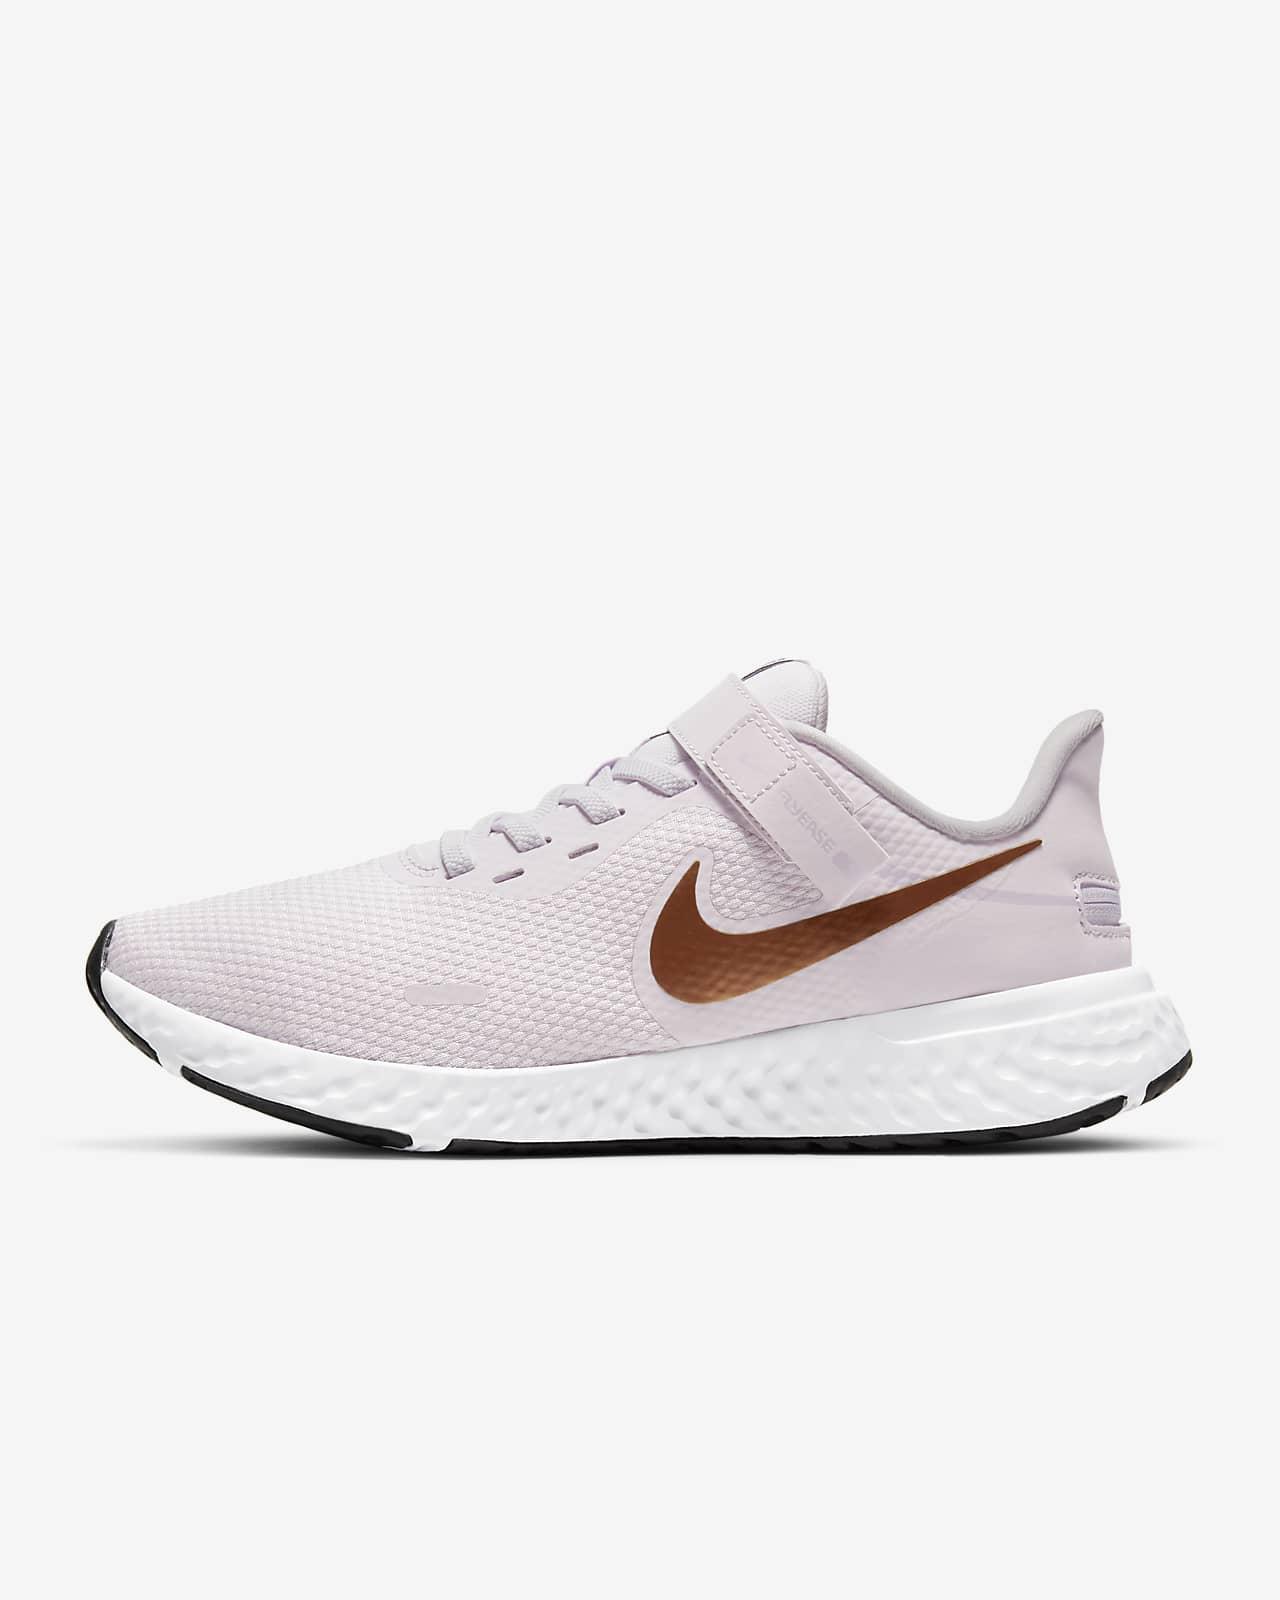 Damskie buty do biegania Nike Revolution 5 FlyEase